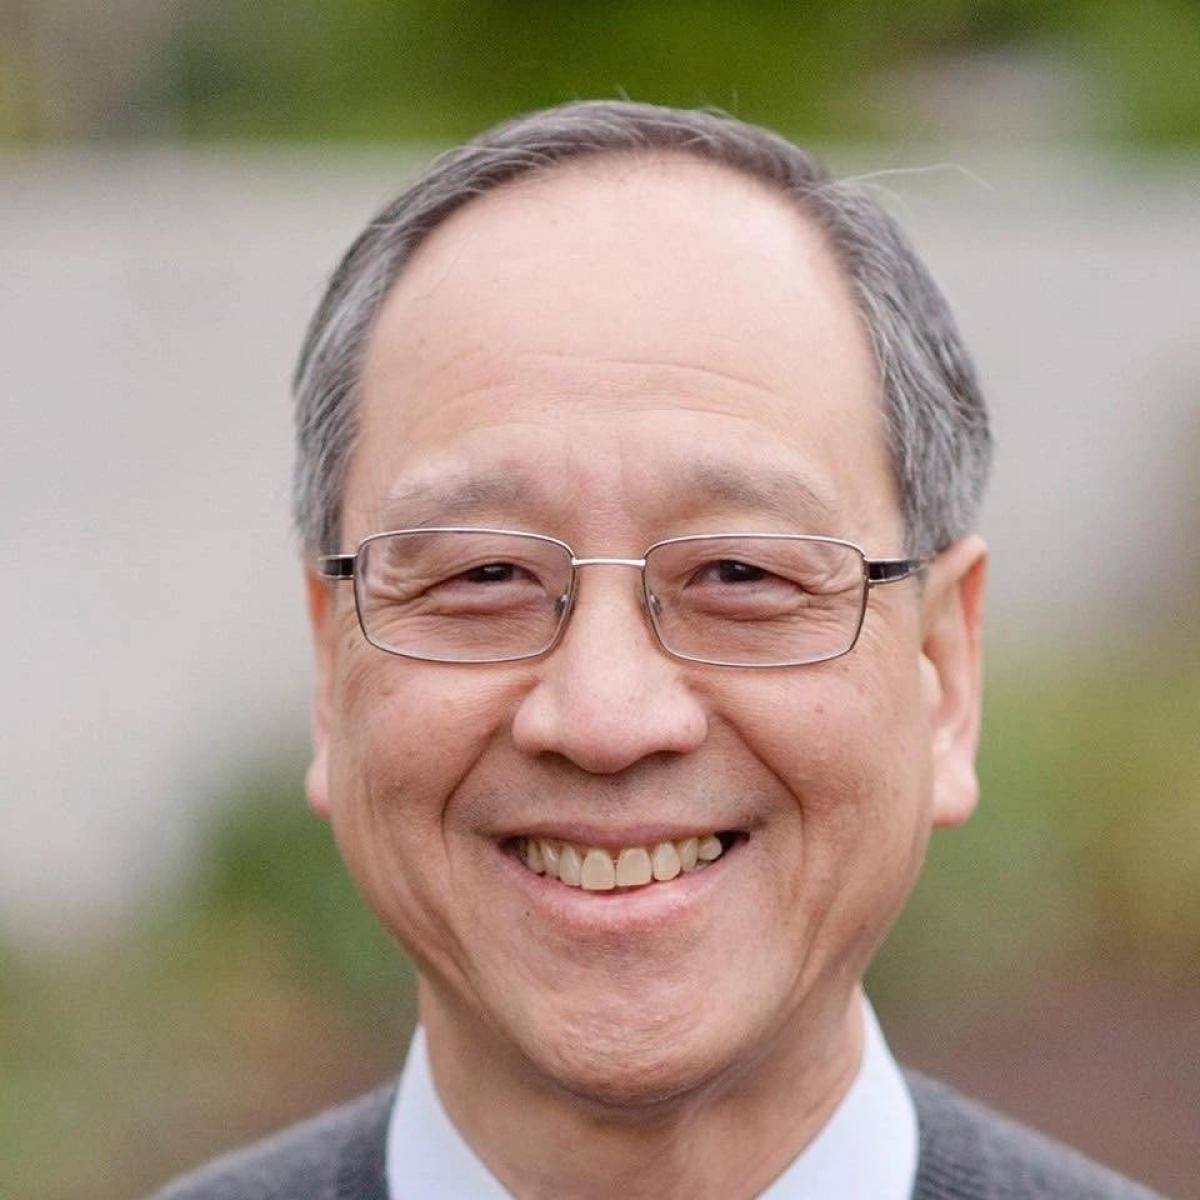 Tác giả: GS John Vu - Nguyên Phong